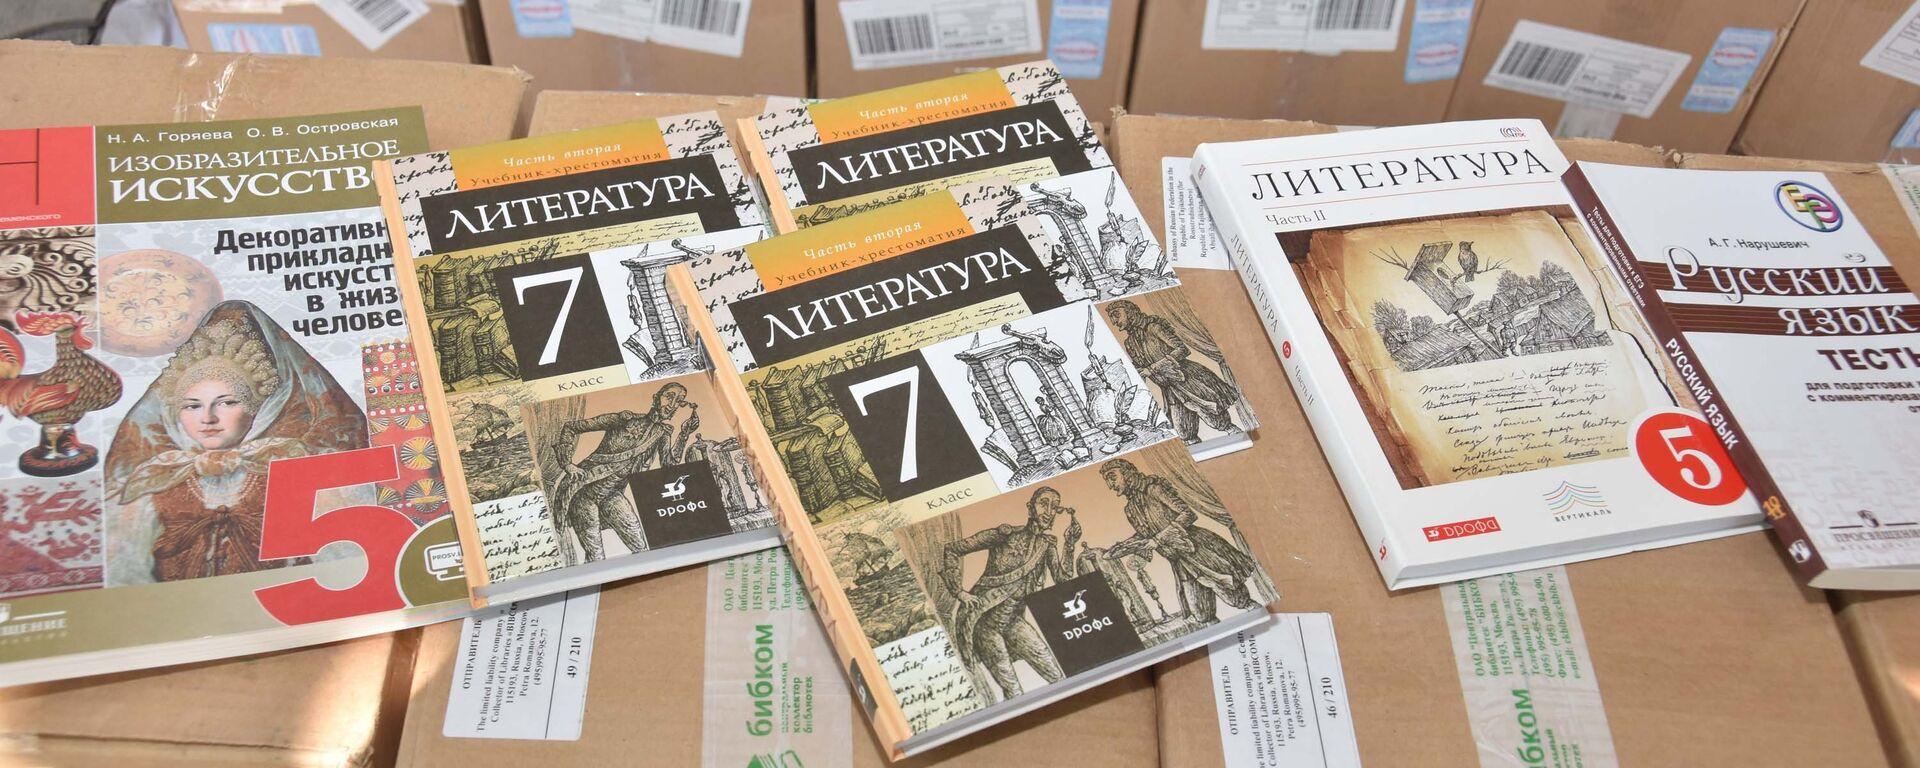 Учебники из России для школ Таджикистана - Sputnik Таджикистан, 1920, 27.03.2021